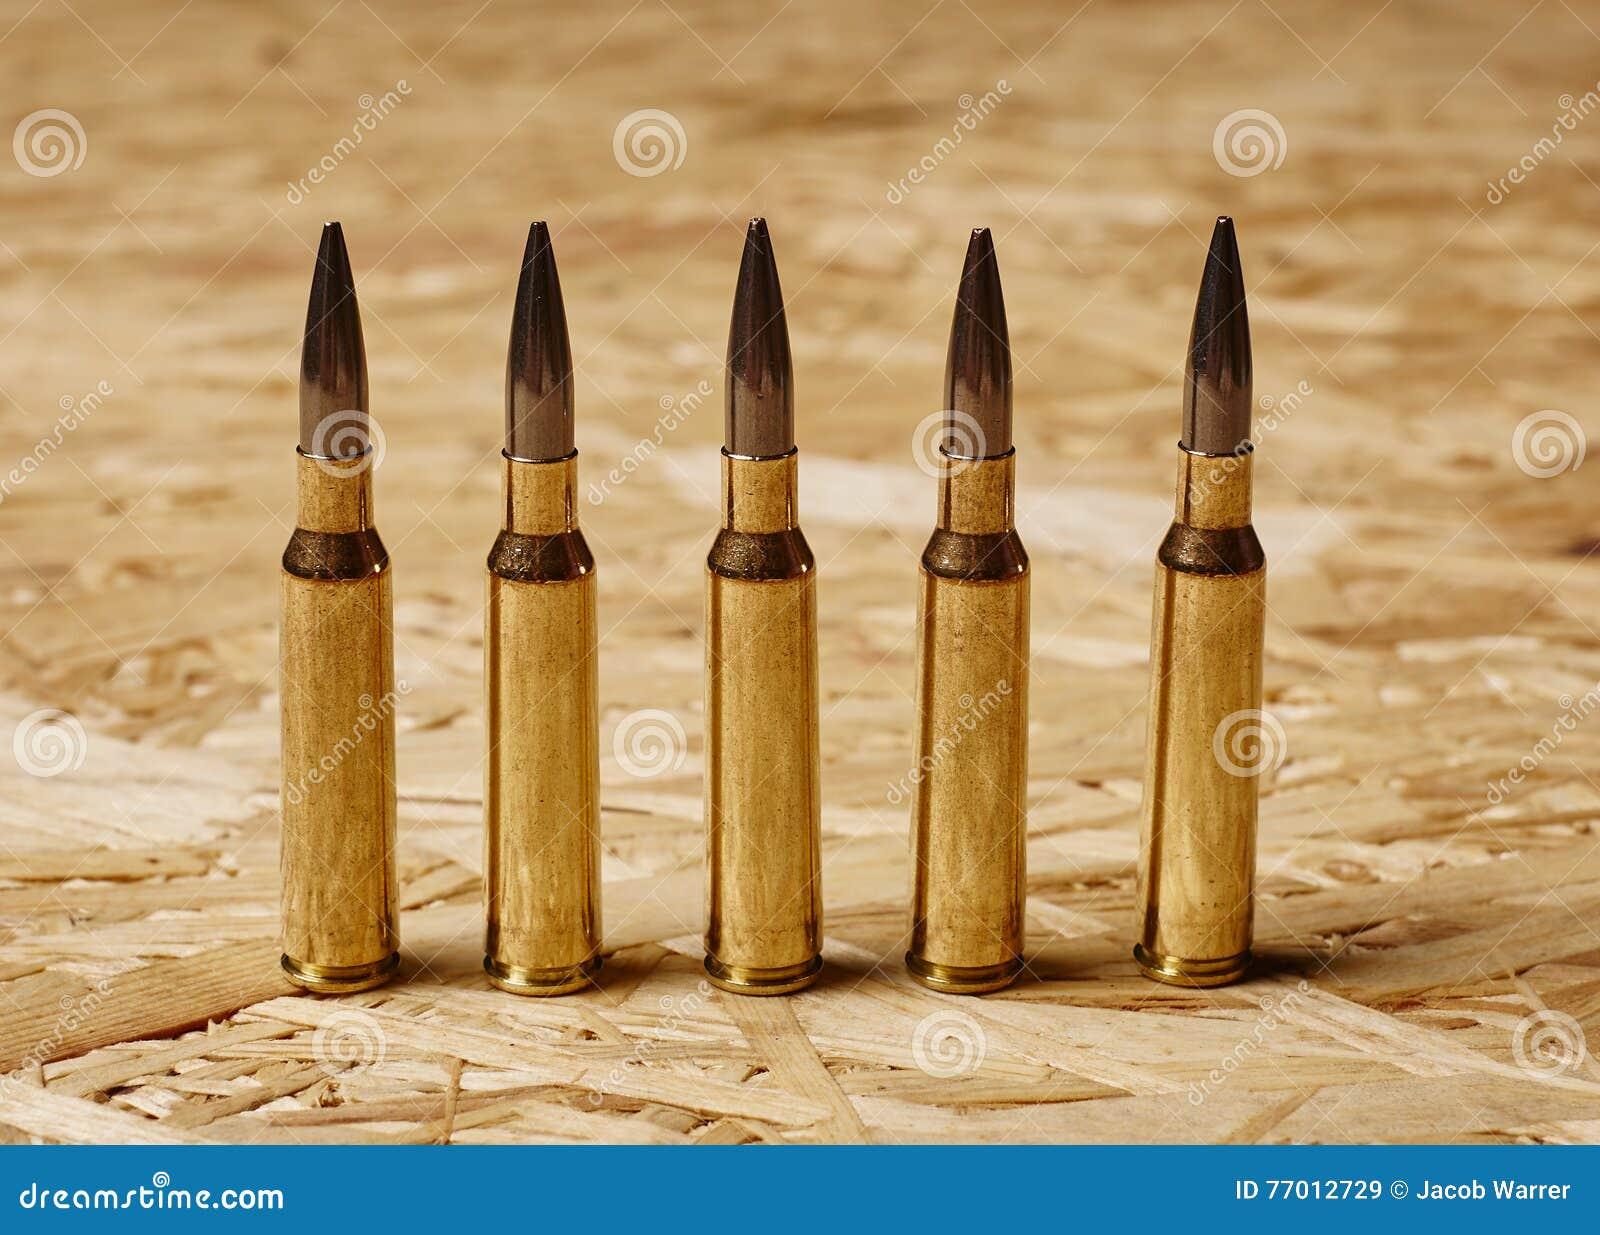 Kogels op houten textuur die zich op een rij bevinden